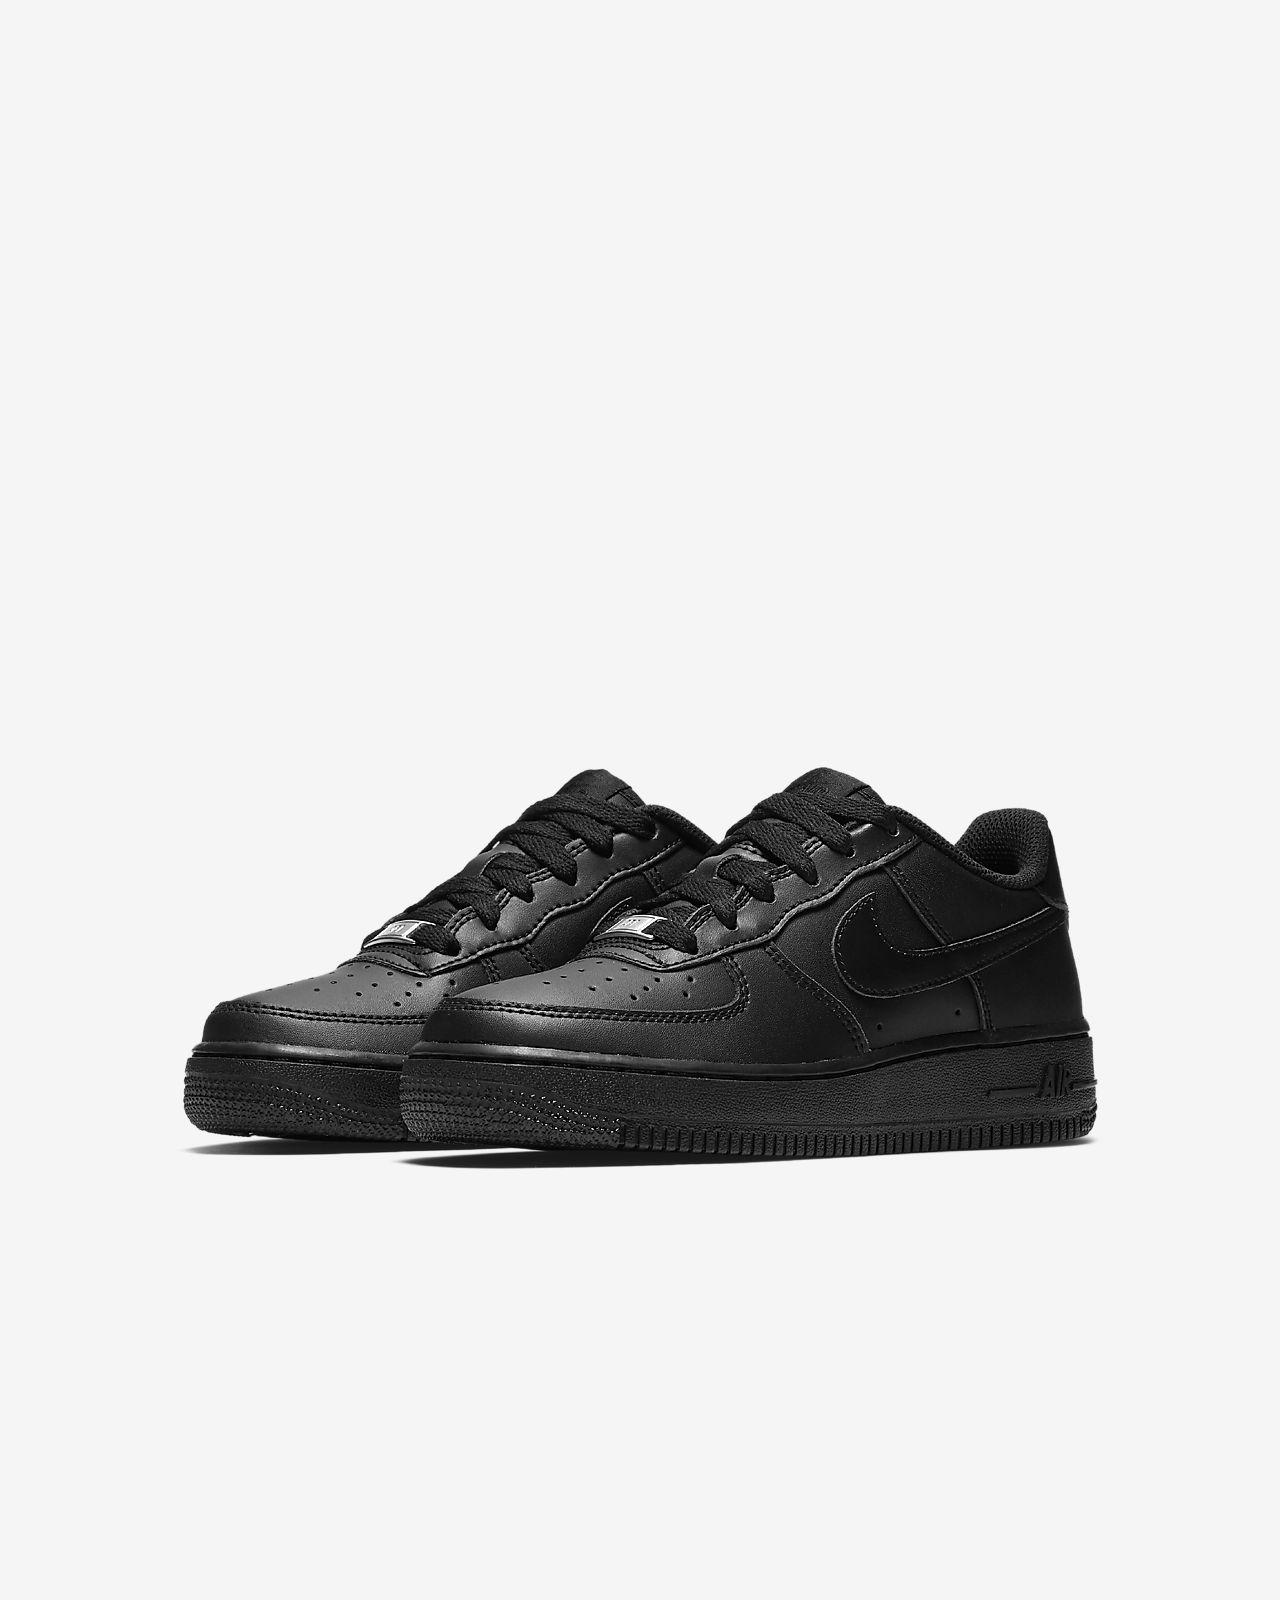 All Black NIKE Air Force 1 | Nike air, Nike air force, Nike af1